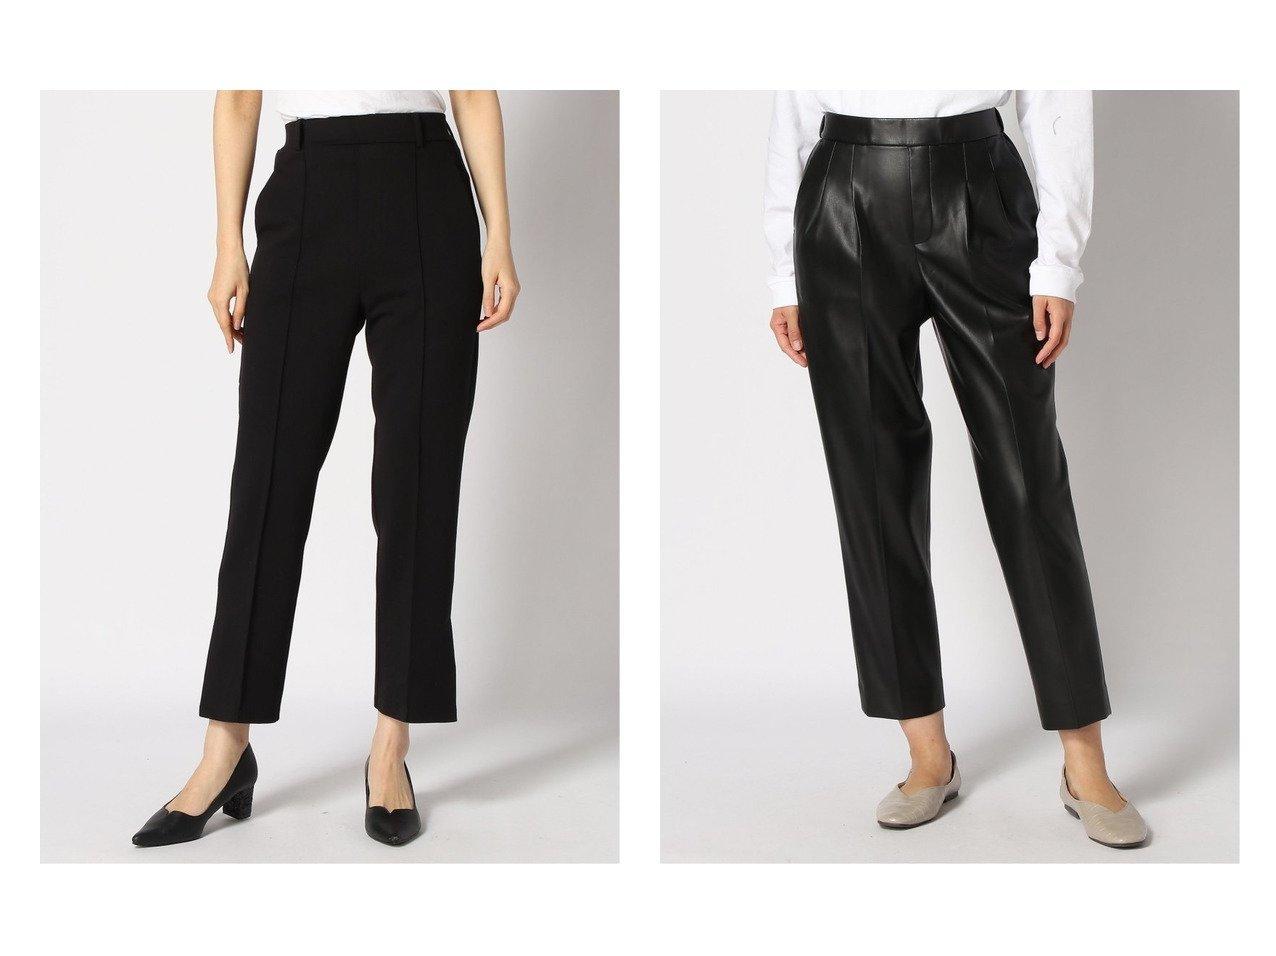 【GLOBAL WORK/グローバルワーク】のエコレザーテーパードP&【LOWRYS FARM/ローリーズファーム】のポンチサイドスリットパンツ パンツのおすすめ!人気、レディースファッションの通販 おすすめで人気のファッション通販商品 インテリア・家具・キッズファッション・メンズファッション・レディースファッション・服の通販 founy(ファニー) https://founy.com/ ファッション Fashion レディース WOMEN パンツ Pants シンプル ジーンズ スリット フィット ストレッチ  ID:crp329100000001445